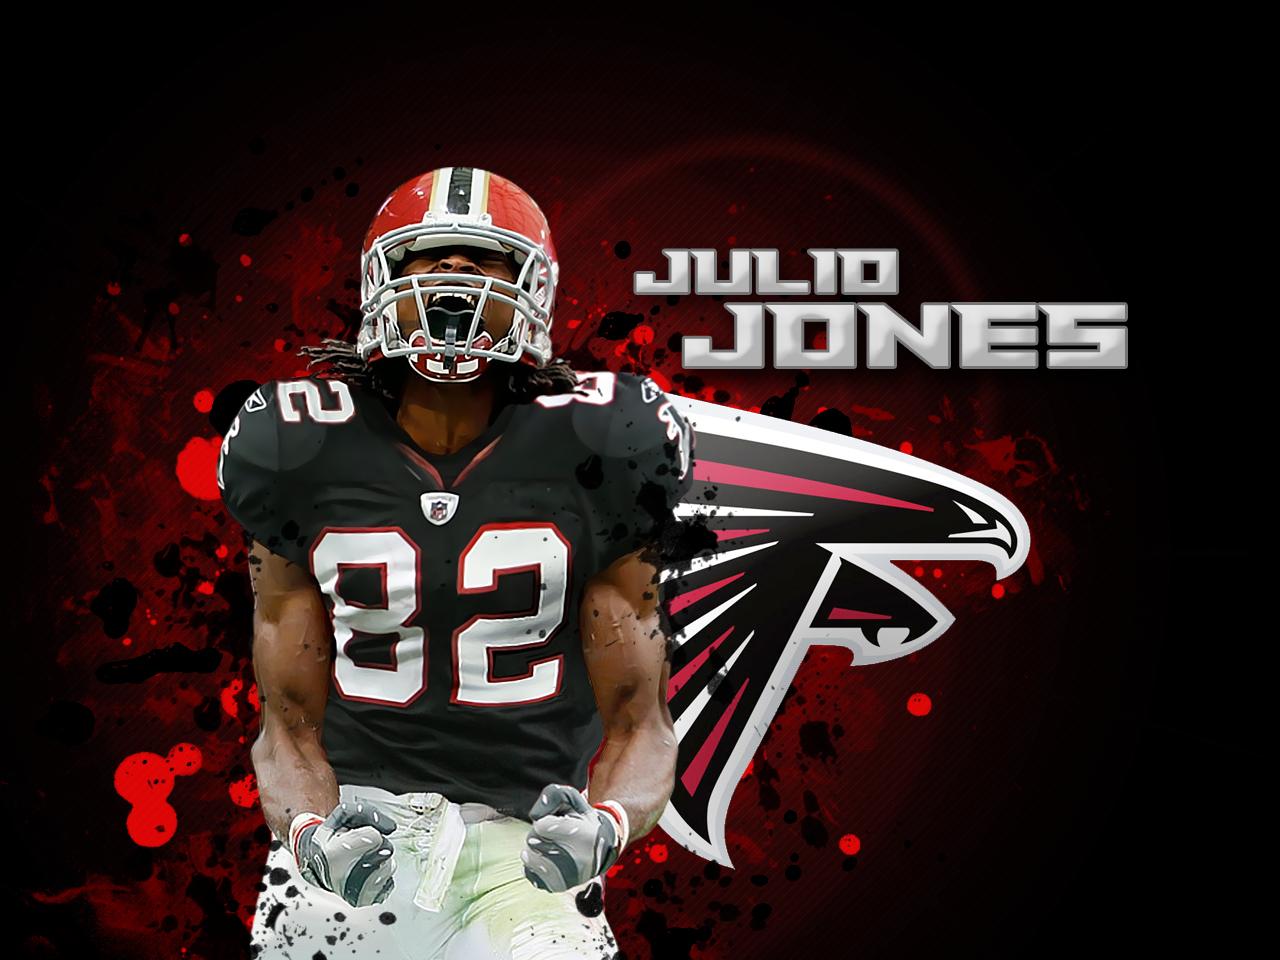 Julio Jones Wallpapers: FOOTBALLPLAYERSDELUXE: JULIO JONES